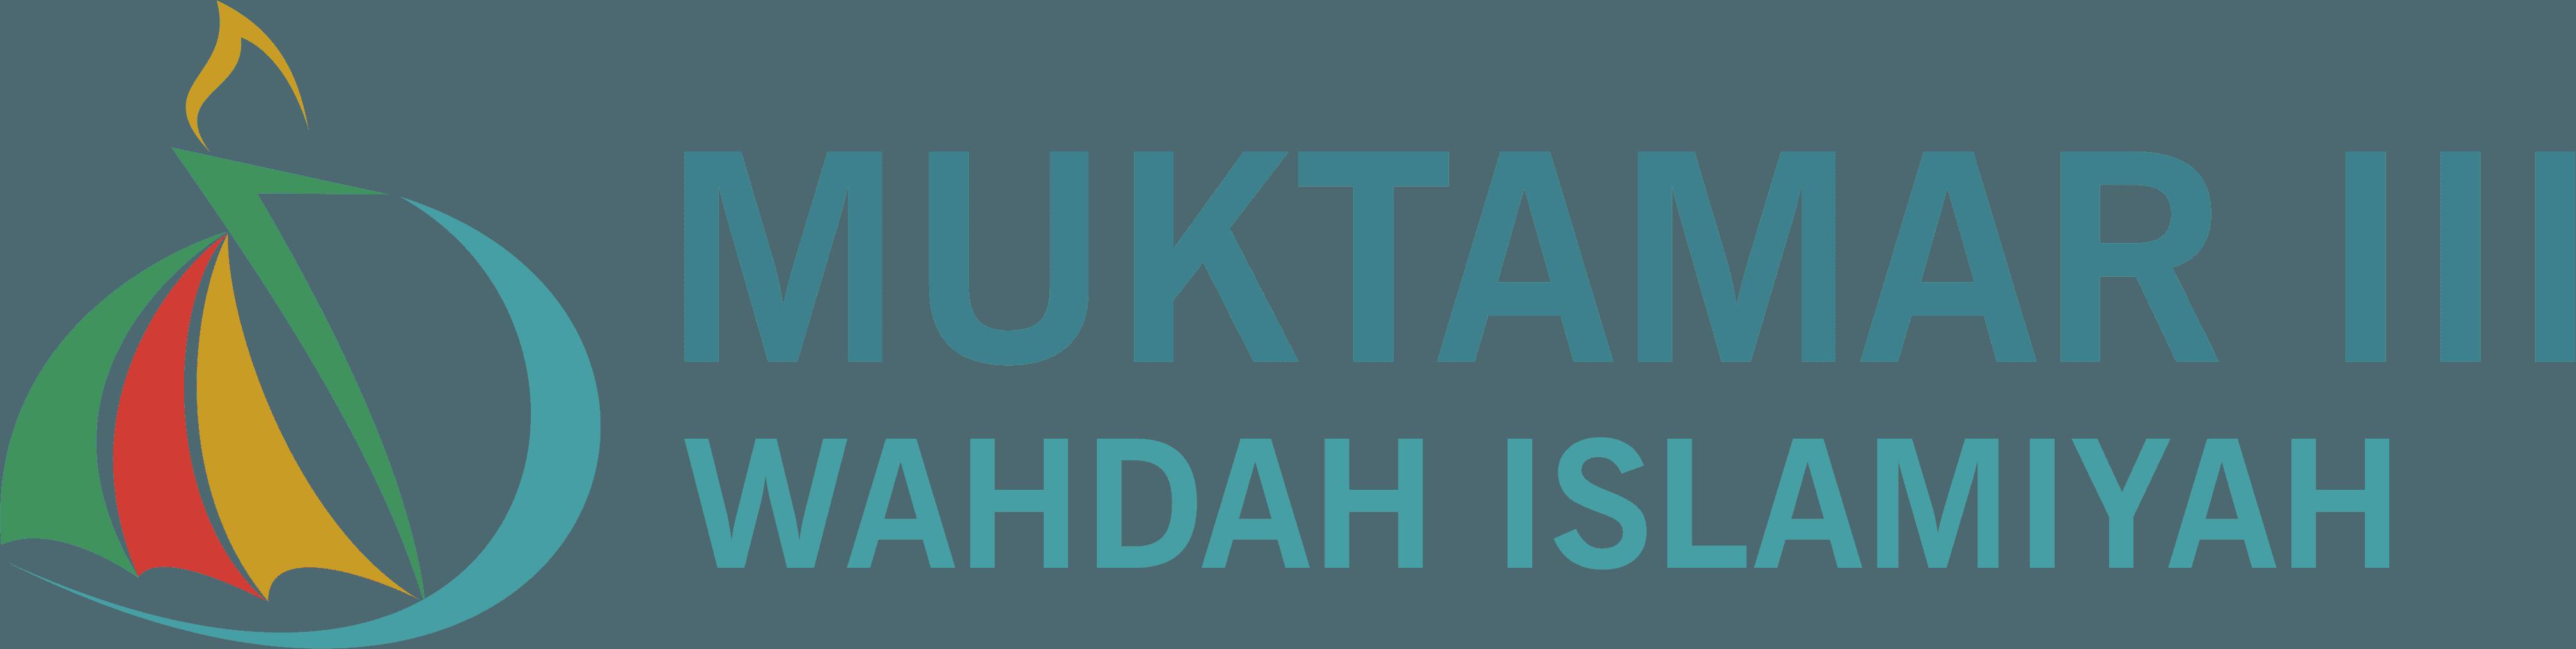 Muktamar III Wahdah Islamiyah